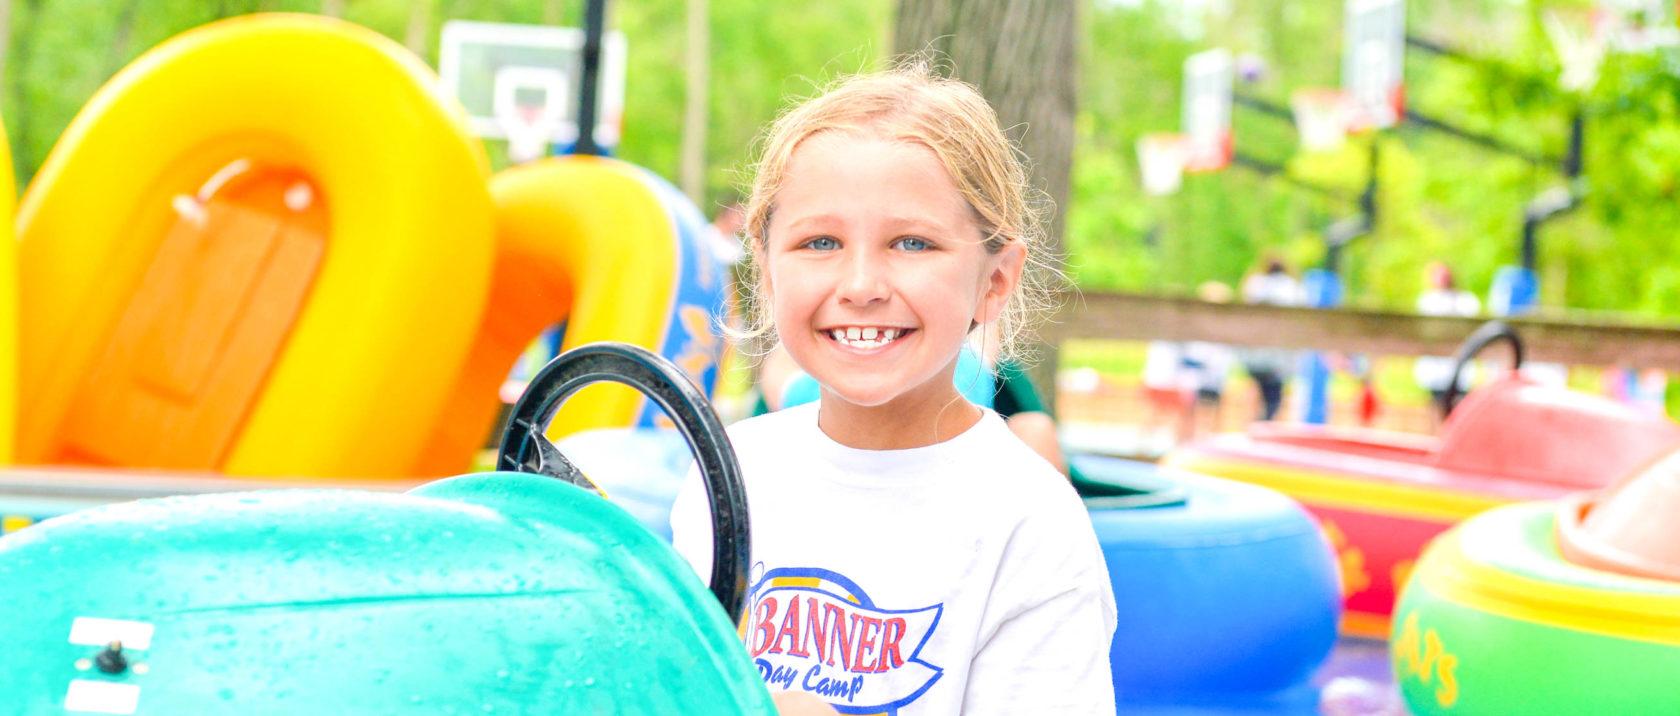 Girl camper smiling on a bumper boat